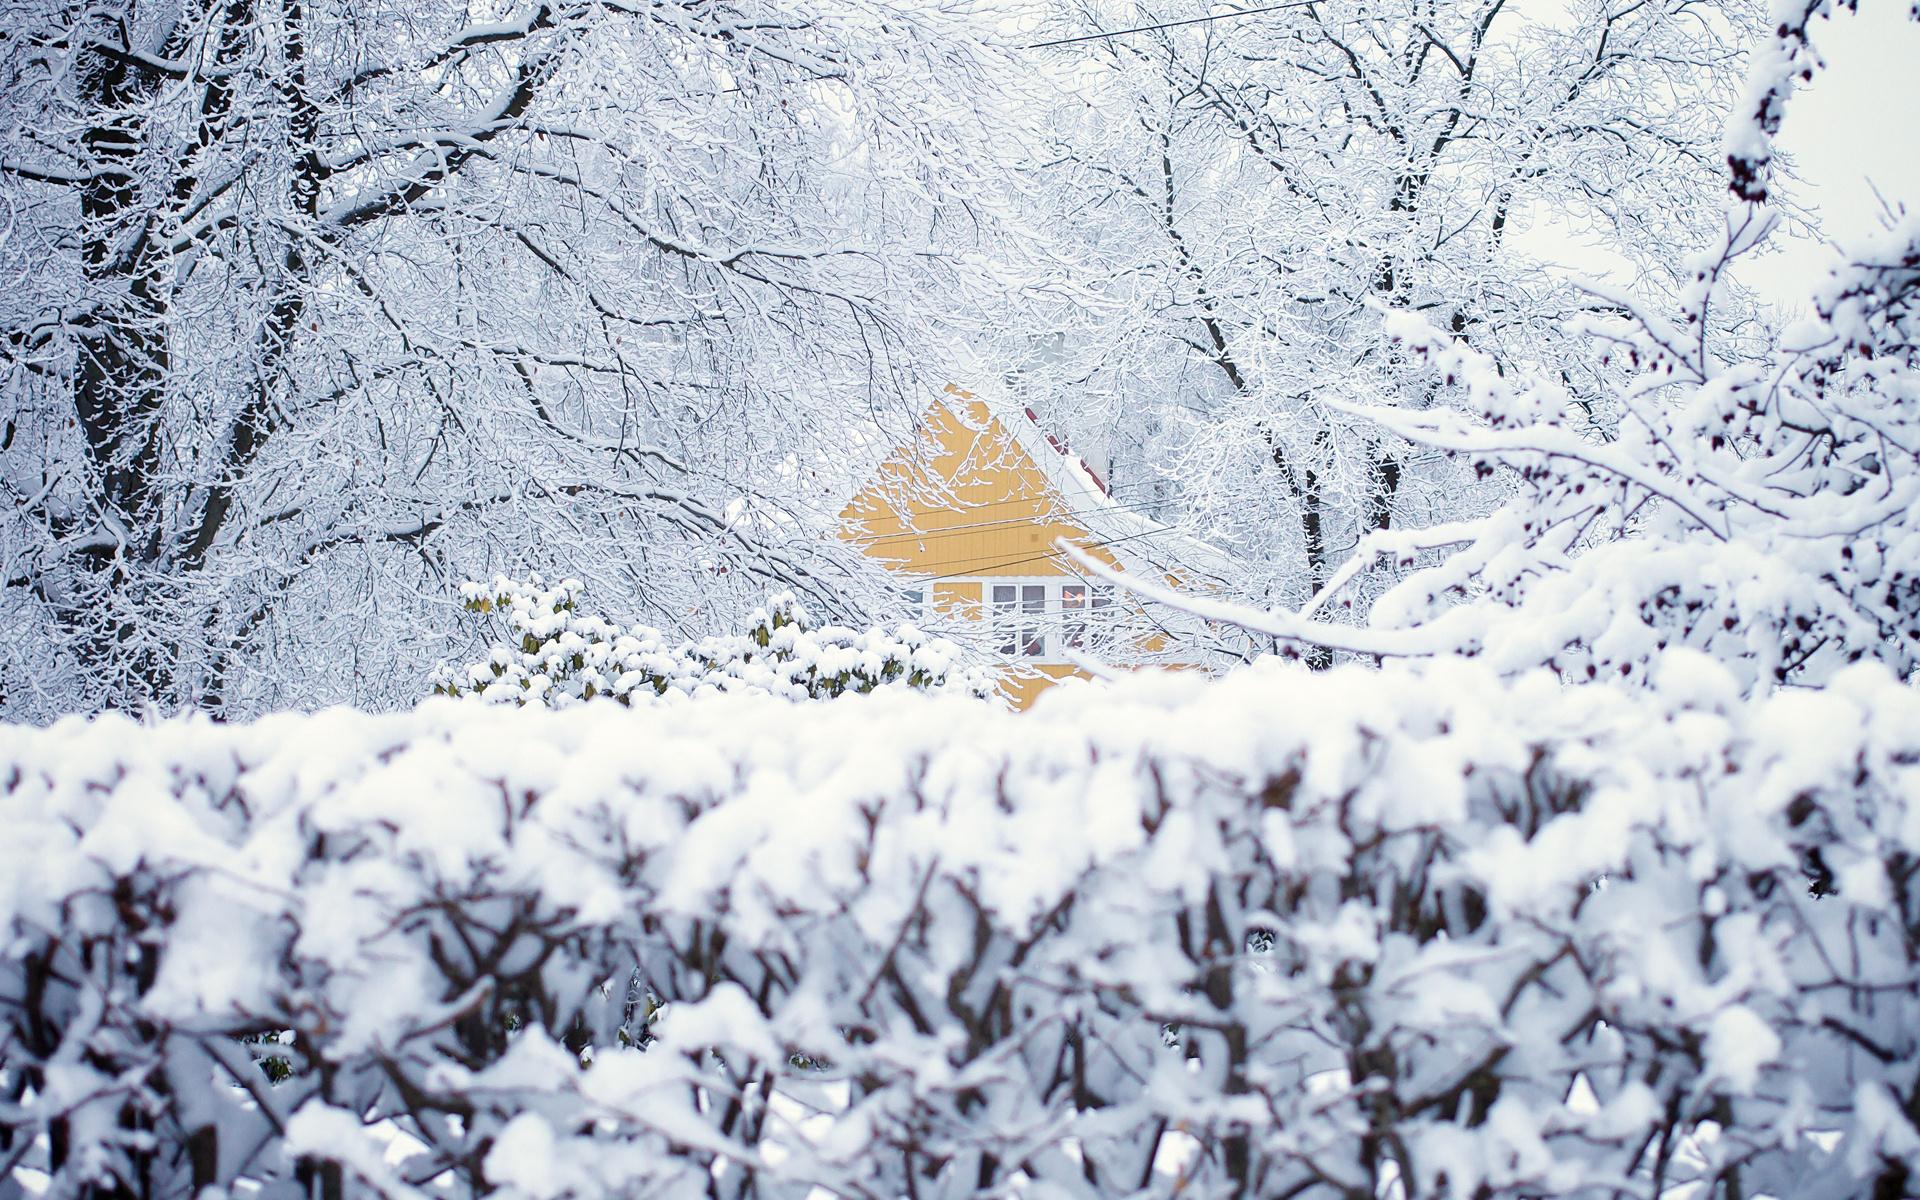 дом, осло, Норвегия, снег, деревья, зима